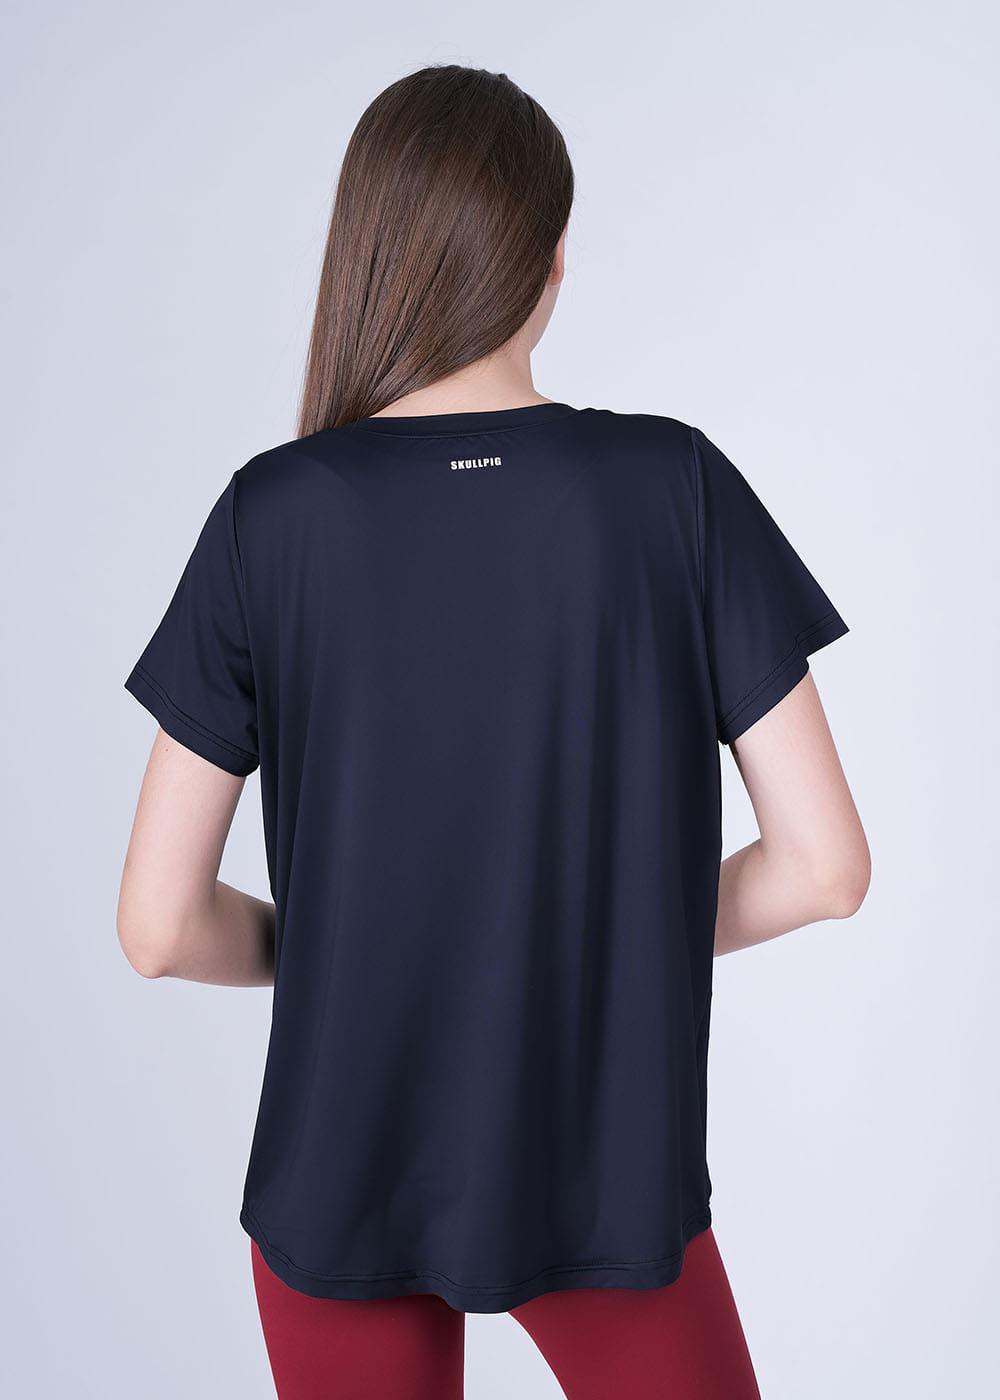 스컬피그(SKULLPIG) 에센셜 티셔츠 블랙